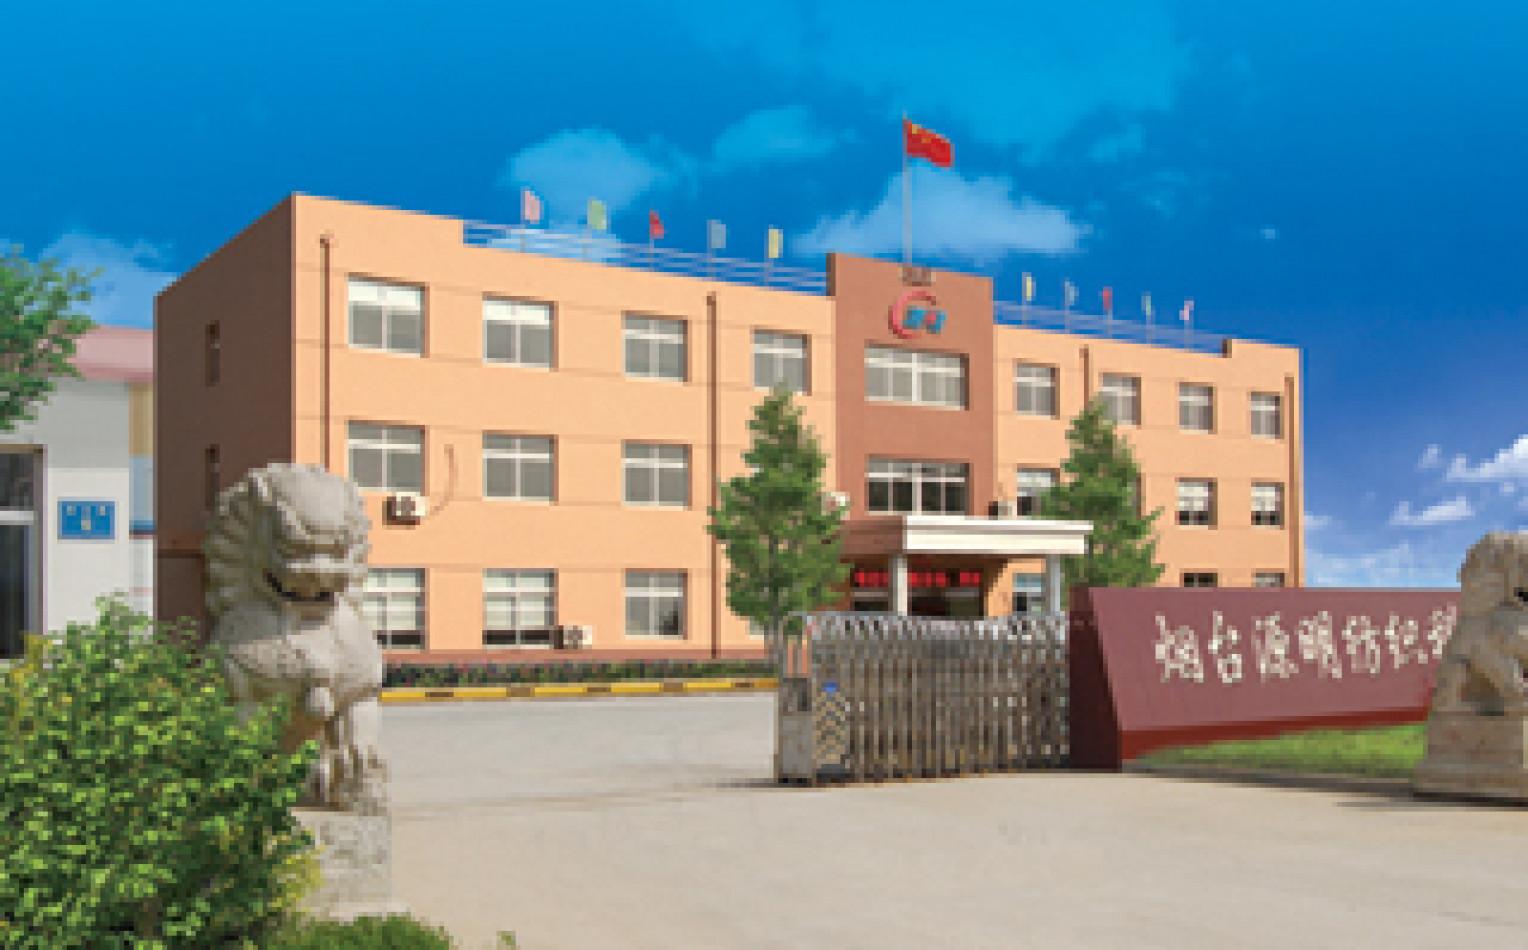 Yantai Yuanming Textile Tech. Co., Ltd